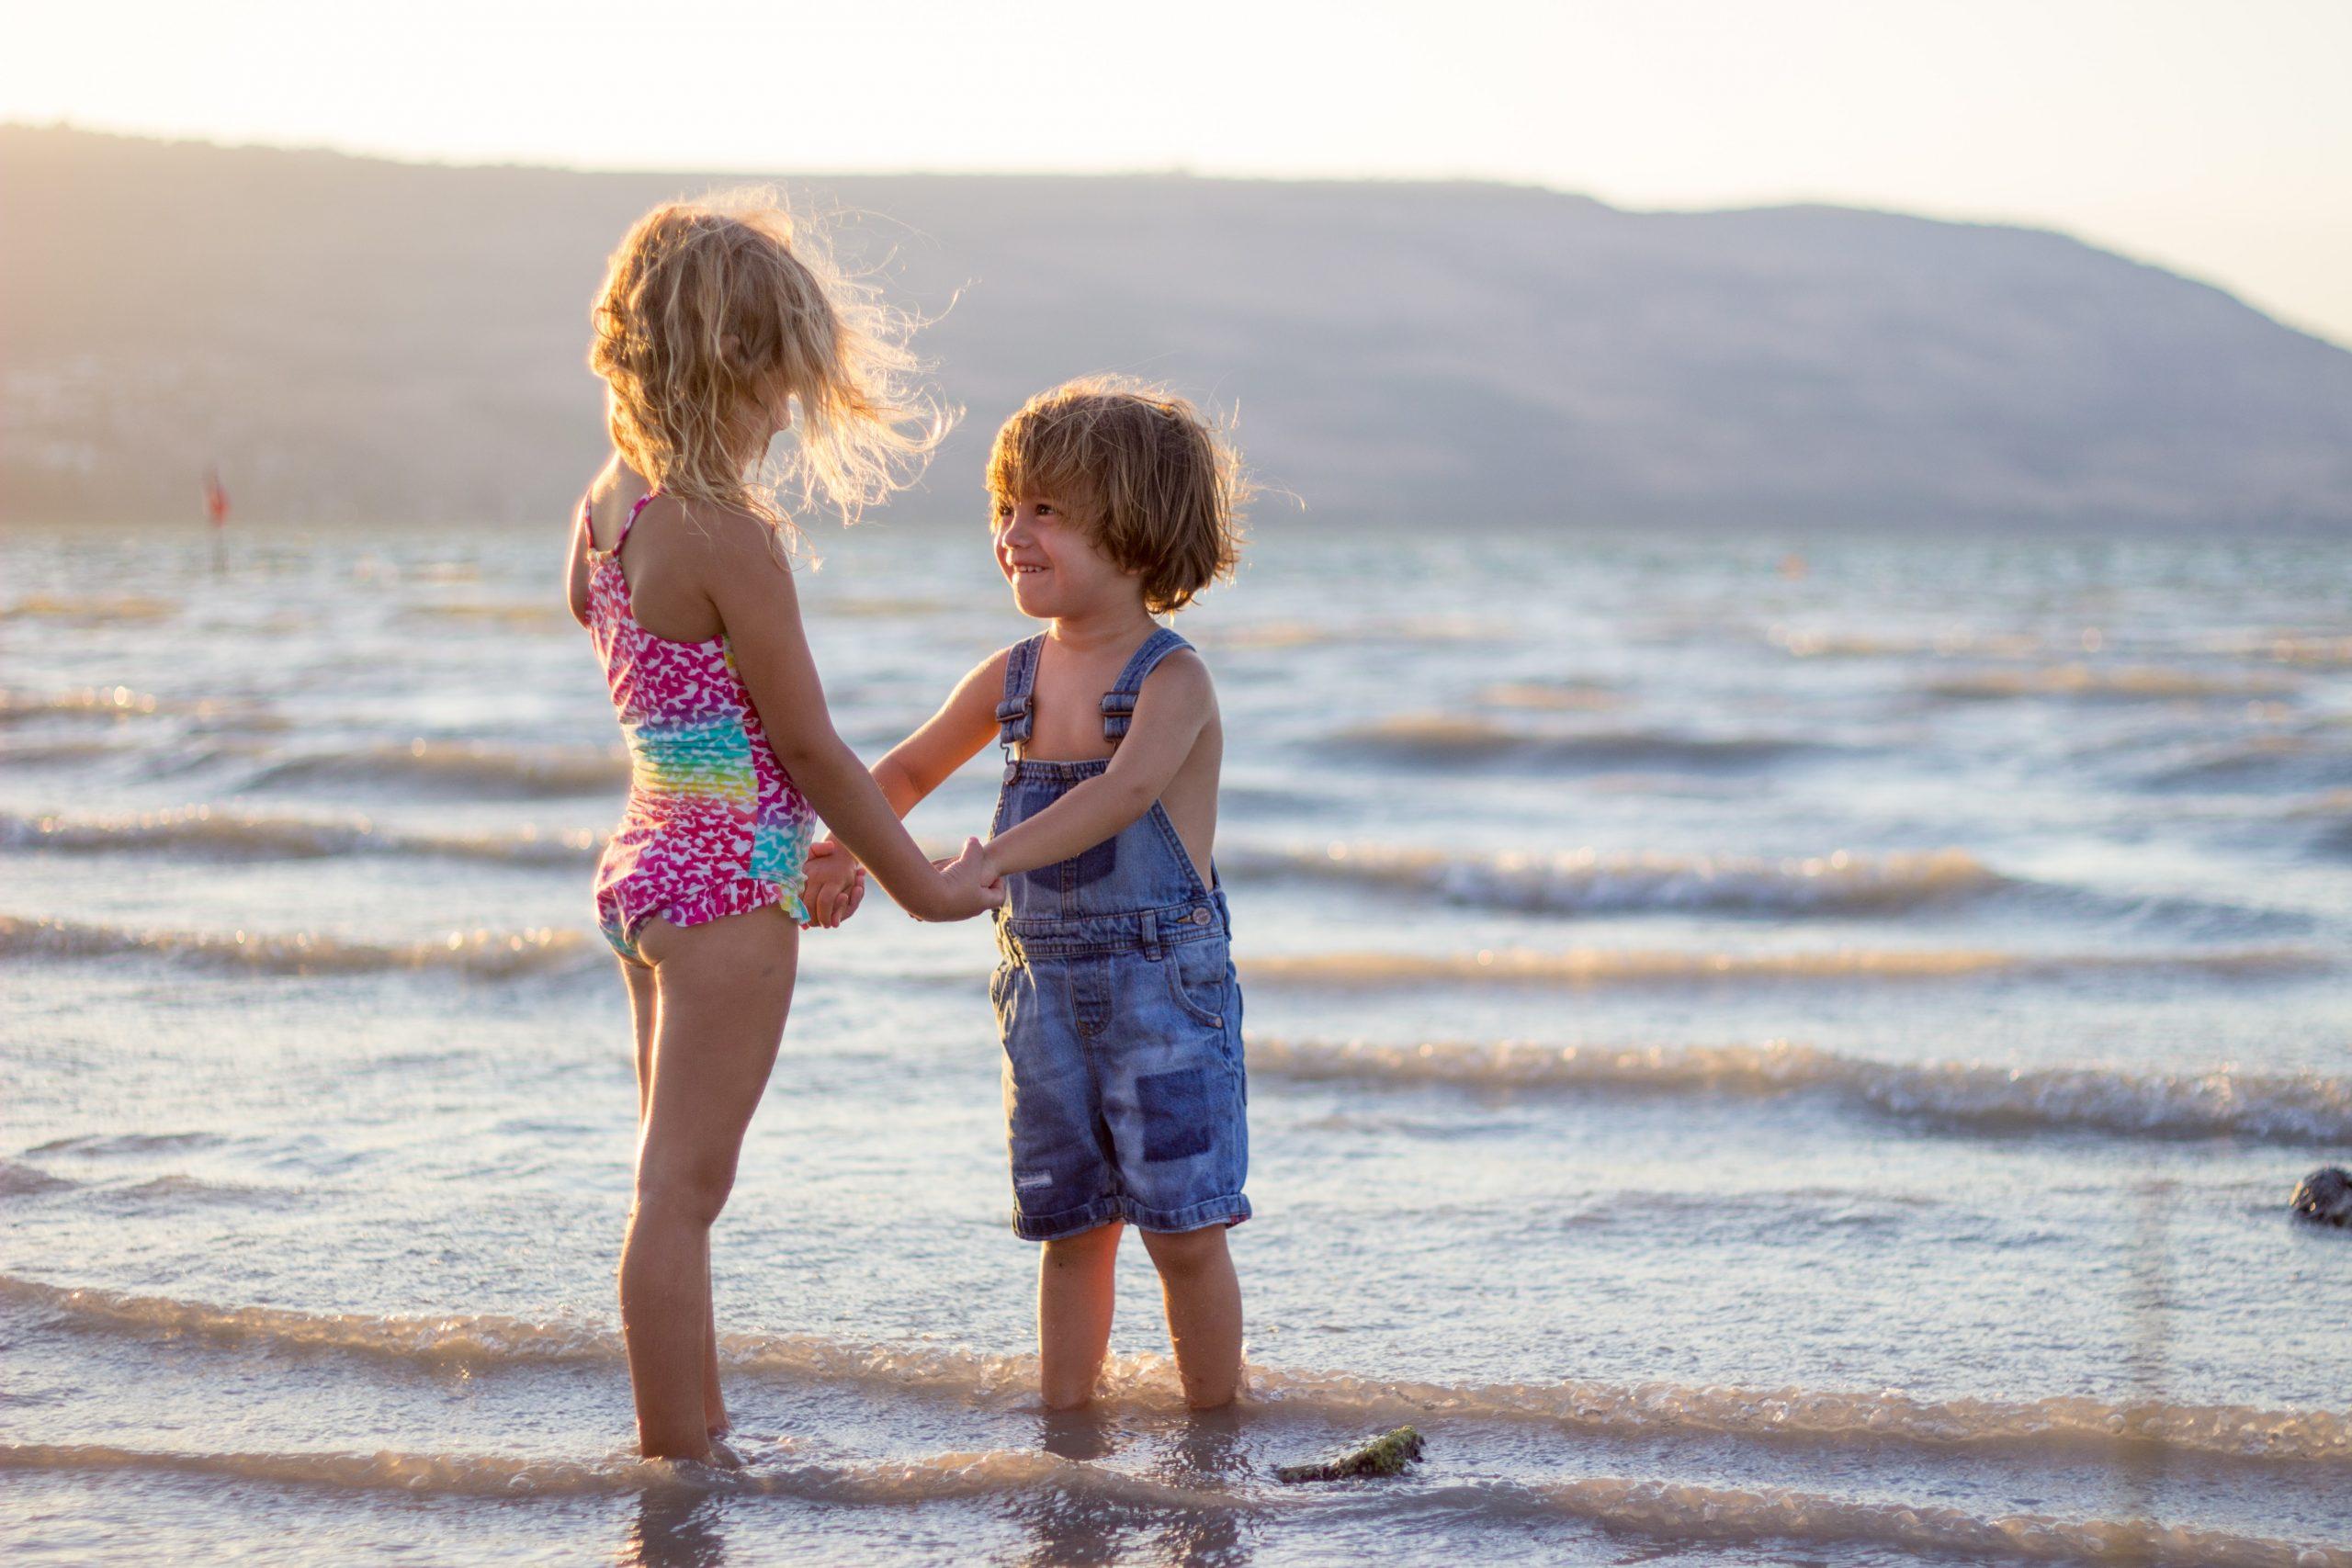 Ha nincs bikinifelső egy ovis kislányon, az felelőtlenség?